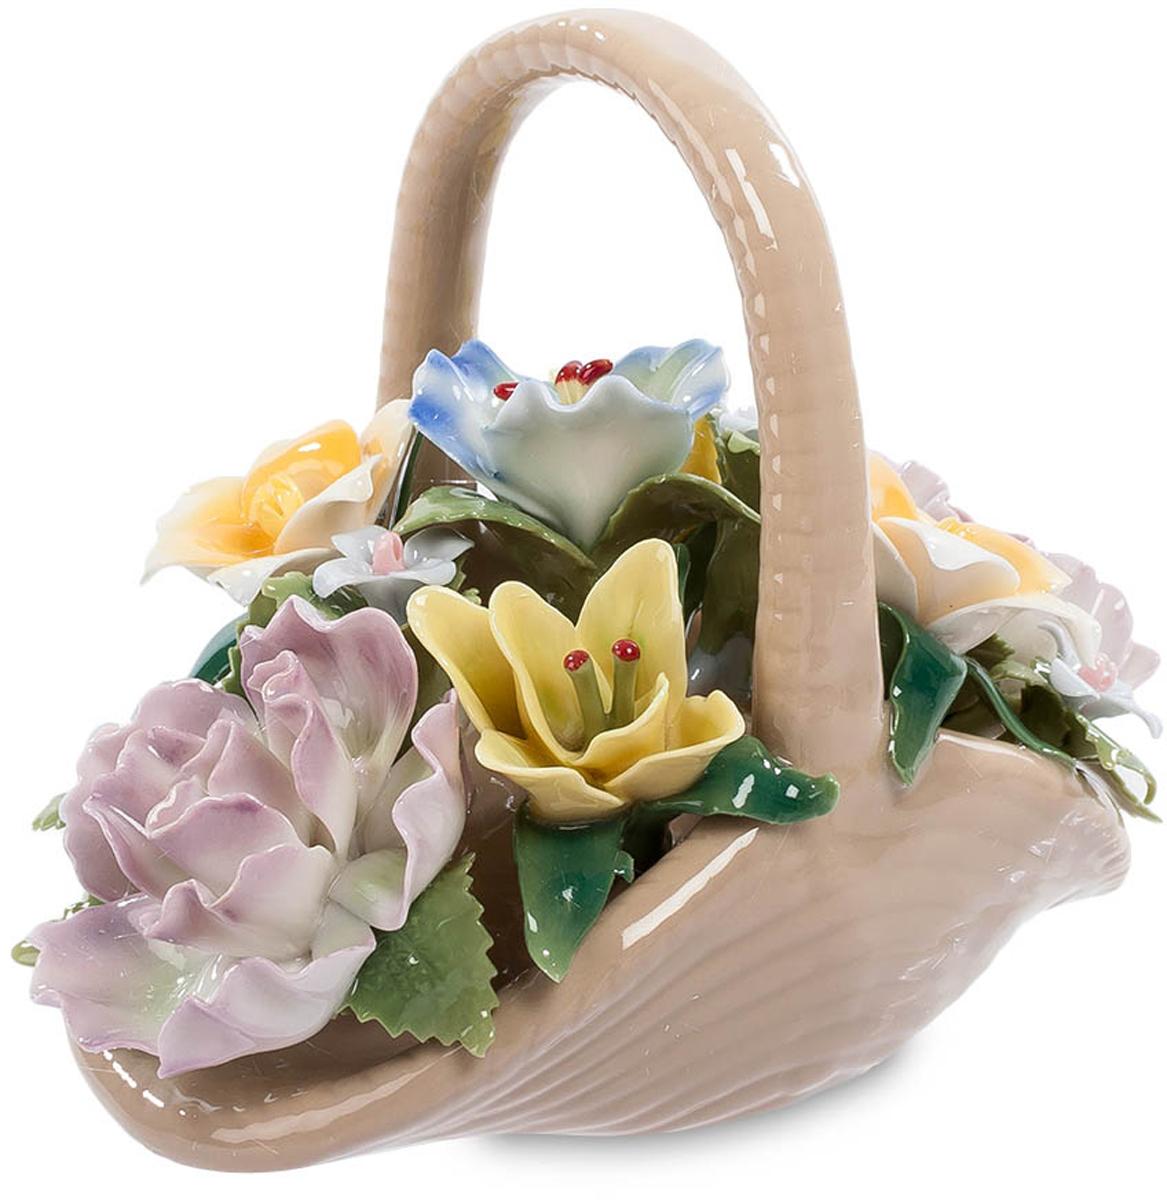 Композиция Pavone Цветочная корзина. CMS-33/25CMS-33/25Композиция Цветочная корзина (Pavone) Цветы в подарок – это всегда радует. Такой знак внимания воспринимается как настоящий порыв души, выражающий искренние чувства. Обидно только, когда спустя 3-5 дней цветы вянут, и их приходится выбрасывать. Хотите, чтобы ваш подарок радовал много лет? Вот перед вами – корзинка с цветами. И сама она и цветы изготовлены из фарфора, но с такой тщательностью, что кажутся живыми. Эта разноцветная цветочная композиция не завянет никогда и будет создавать в вашей комнате летнюю теплую атмосферу, согретую напоминанием о том, что эту корзину подарил. Предпочитаете дарить живые цветы? Подарите фарфоровую корзинку вместе с живым букетом!